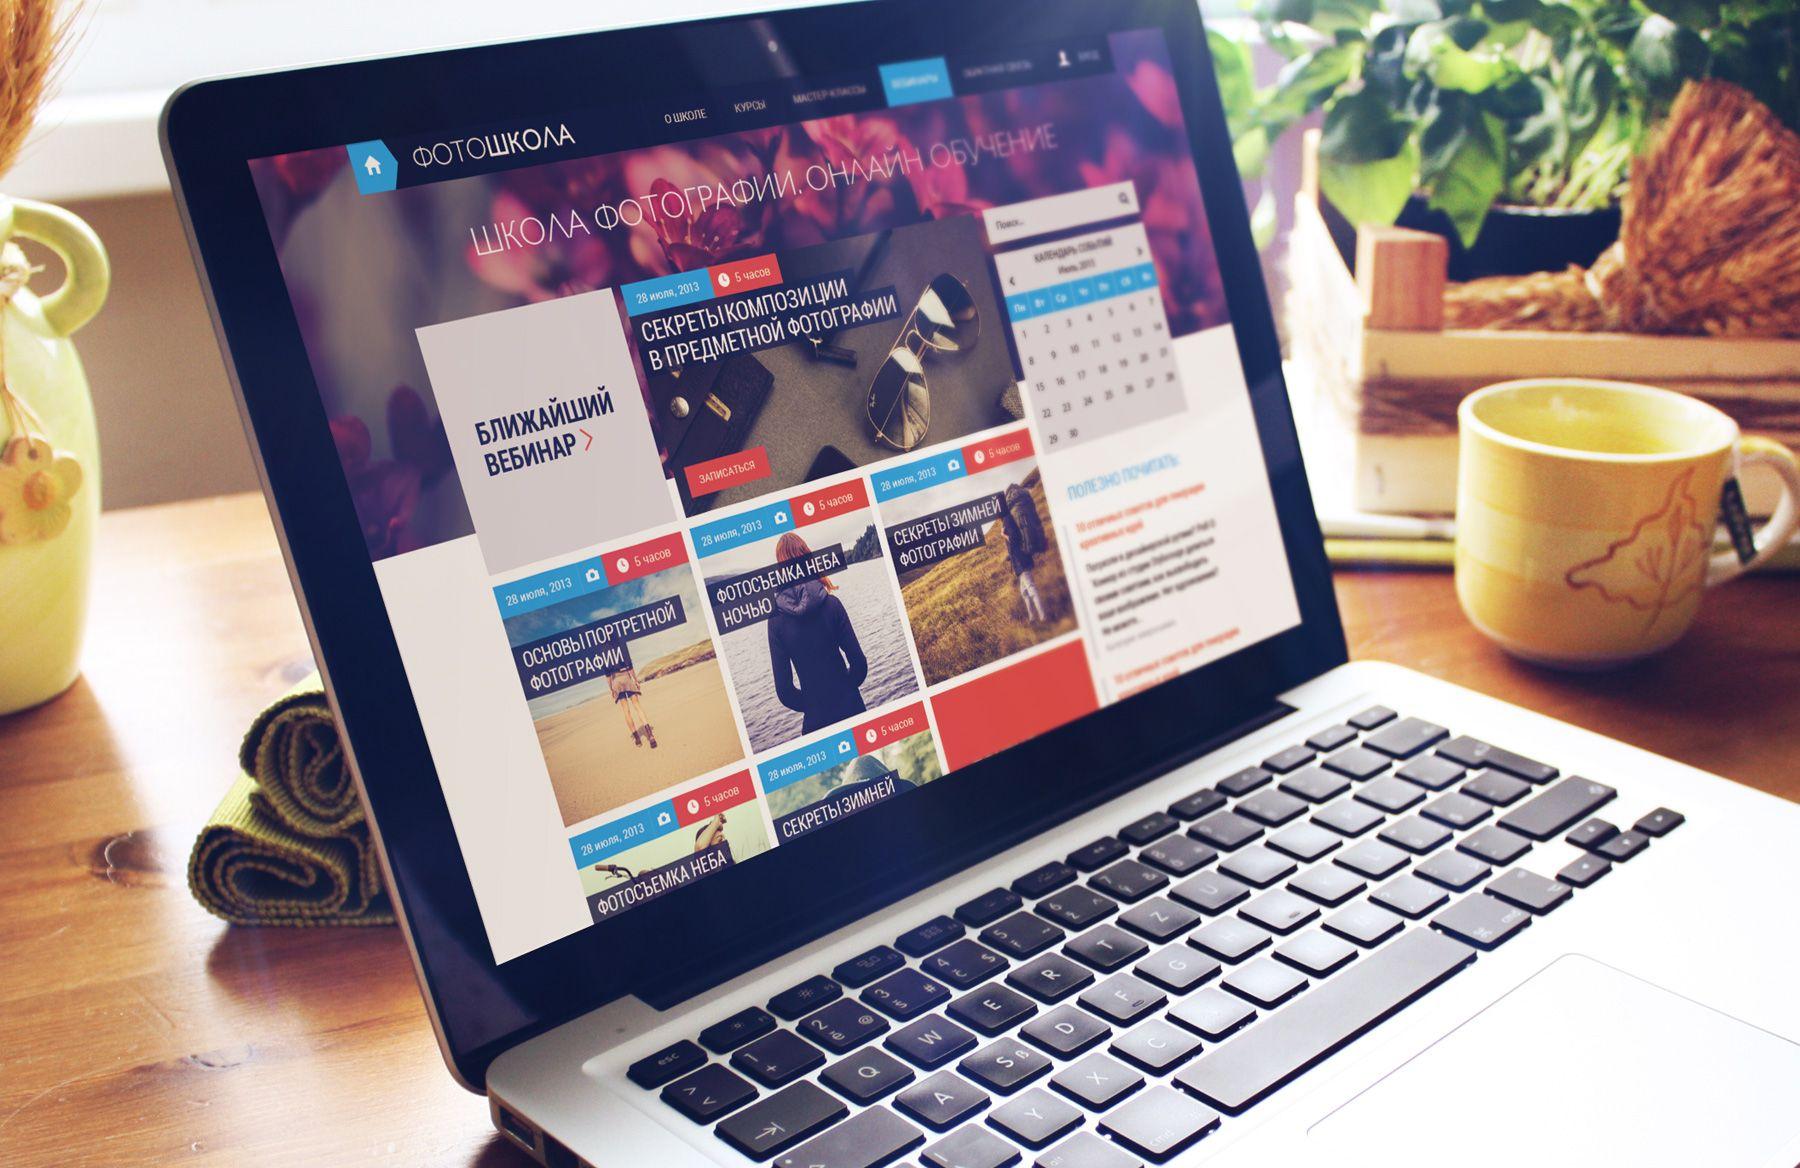 Онлайн обучение фотографии. Главная. - дизайнер laviafrons